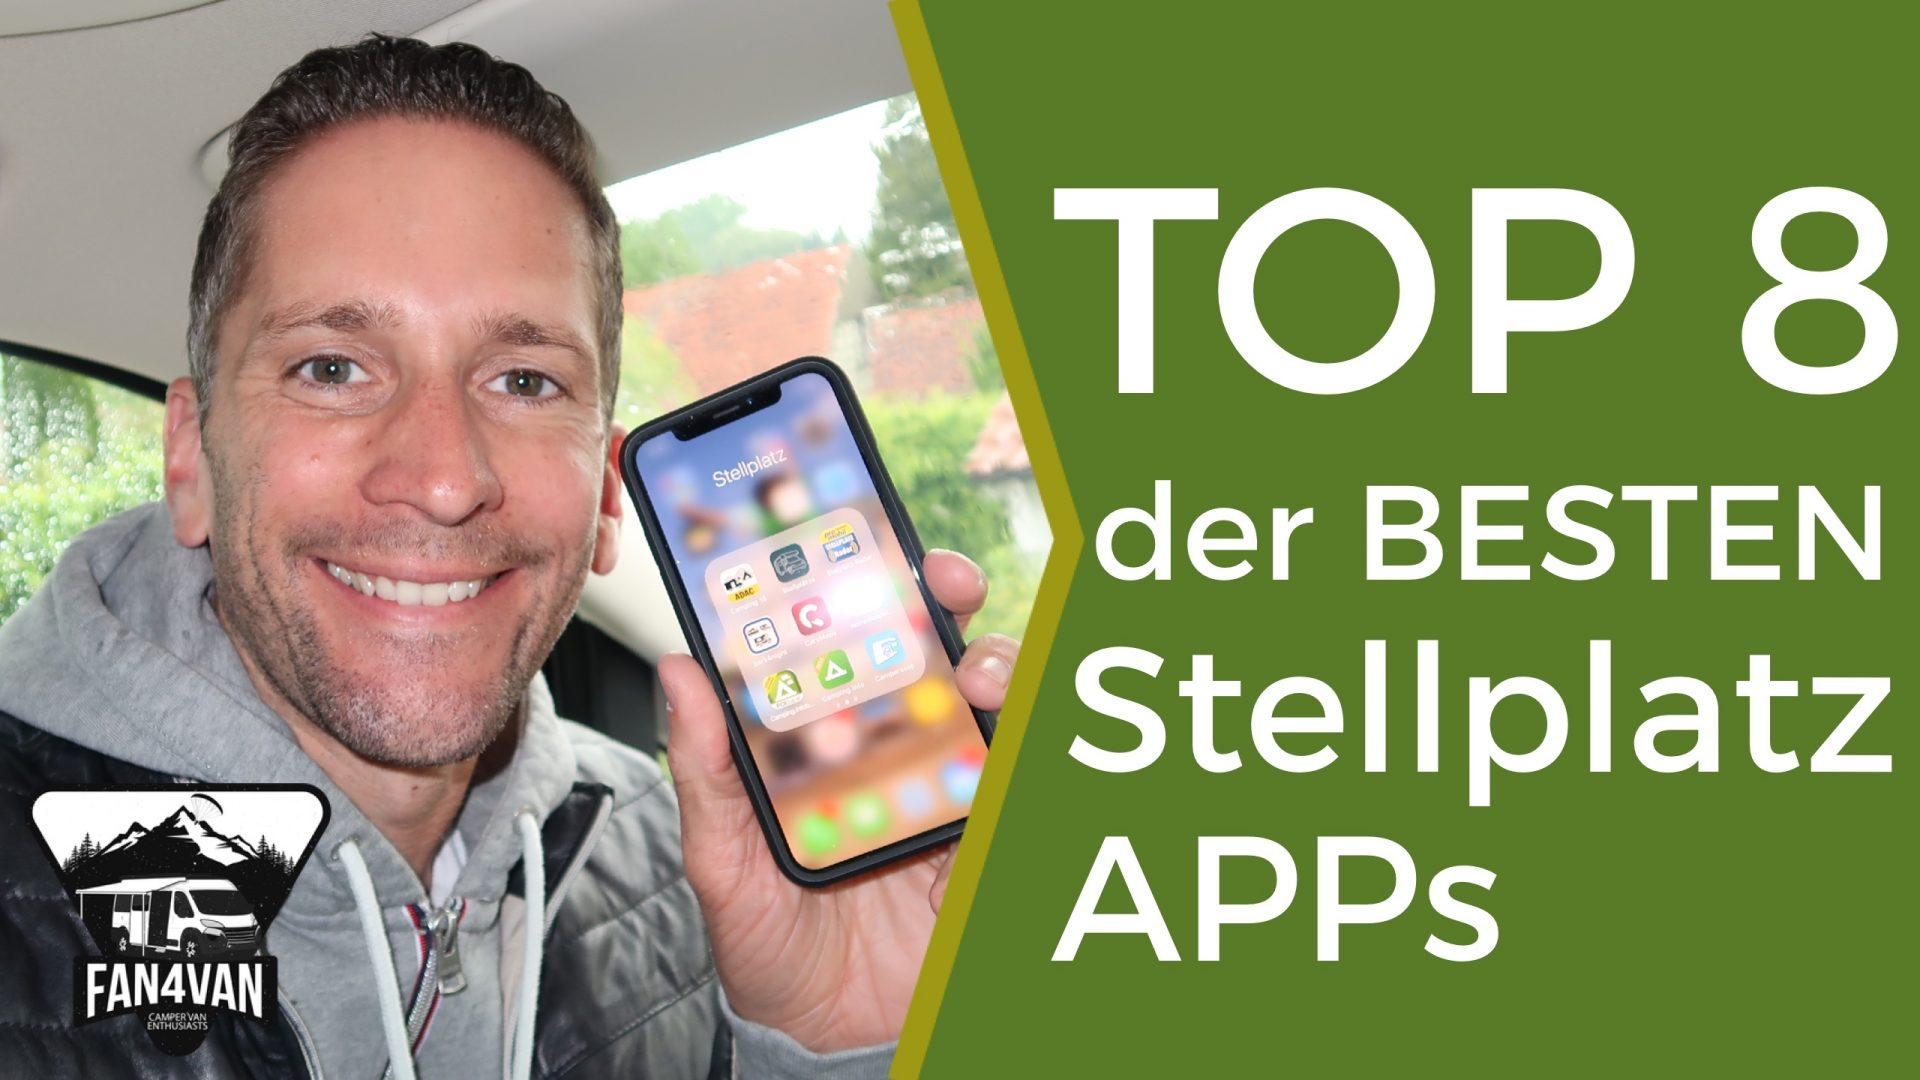 Top 8 der BESTEN Stellplatz App s für Wohnmobile - FAN8VAN